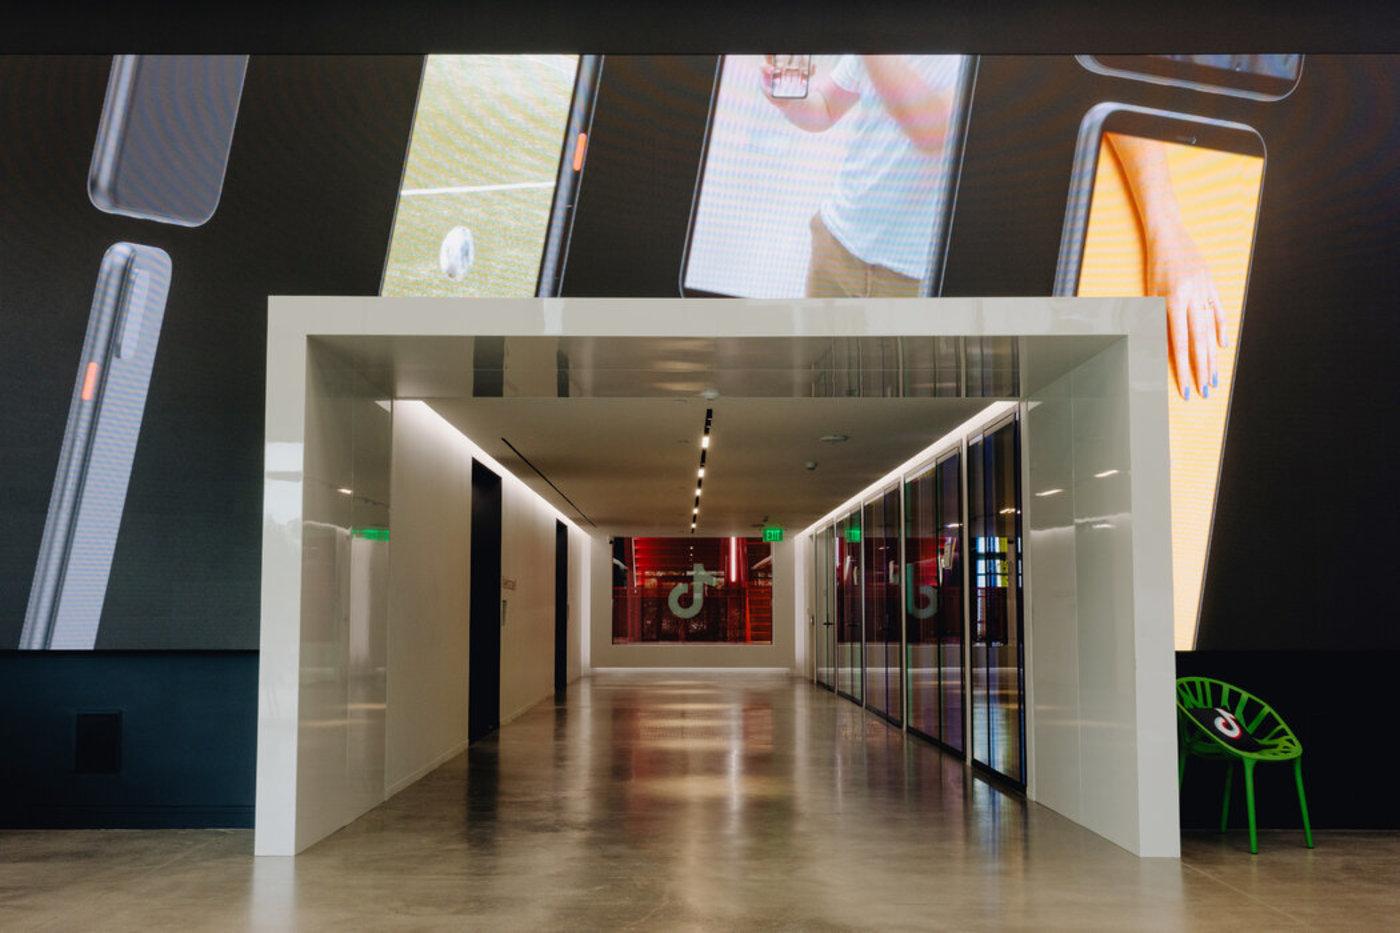 位于美国加州卡尔弗城的TikTok办公楼大厅。 图片来源:THE NEW YORK TIMES